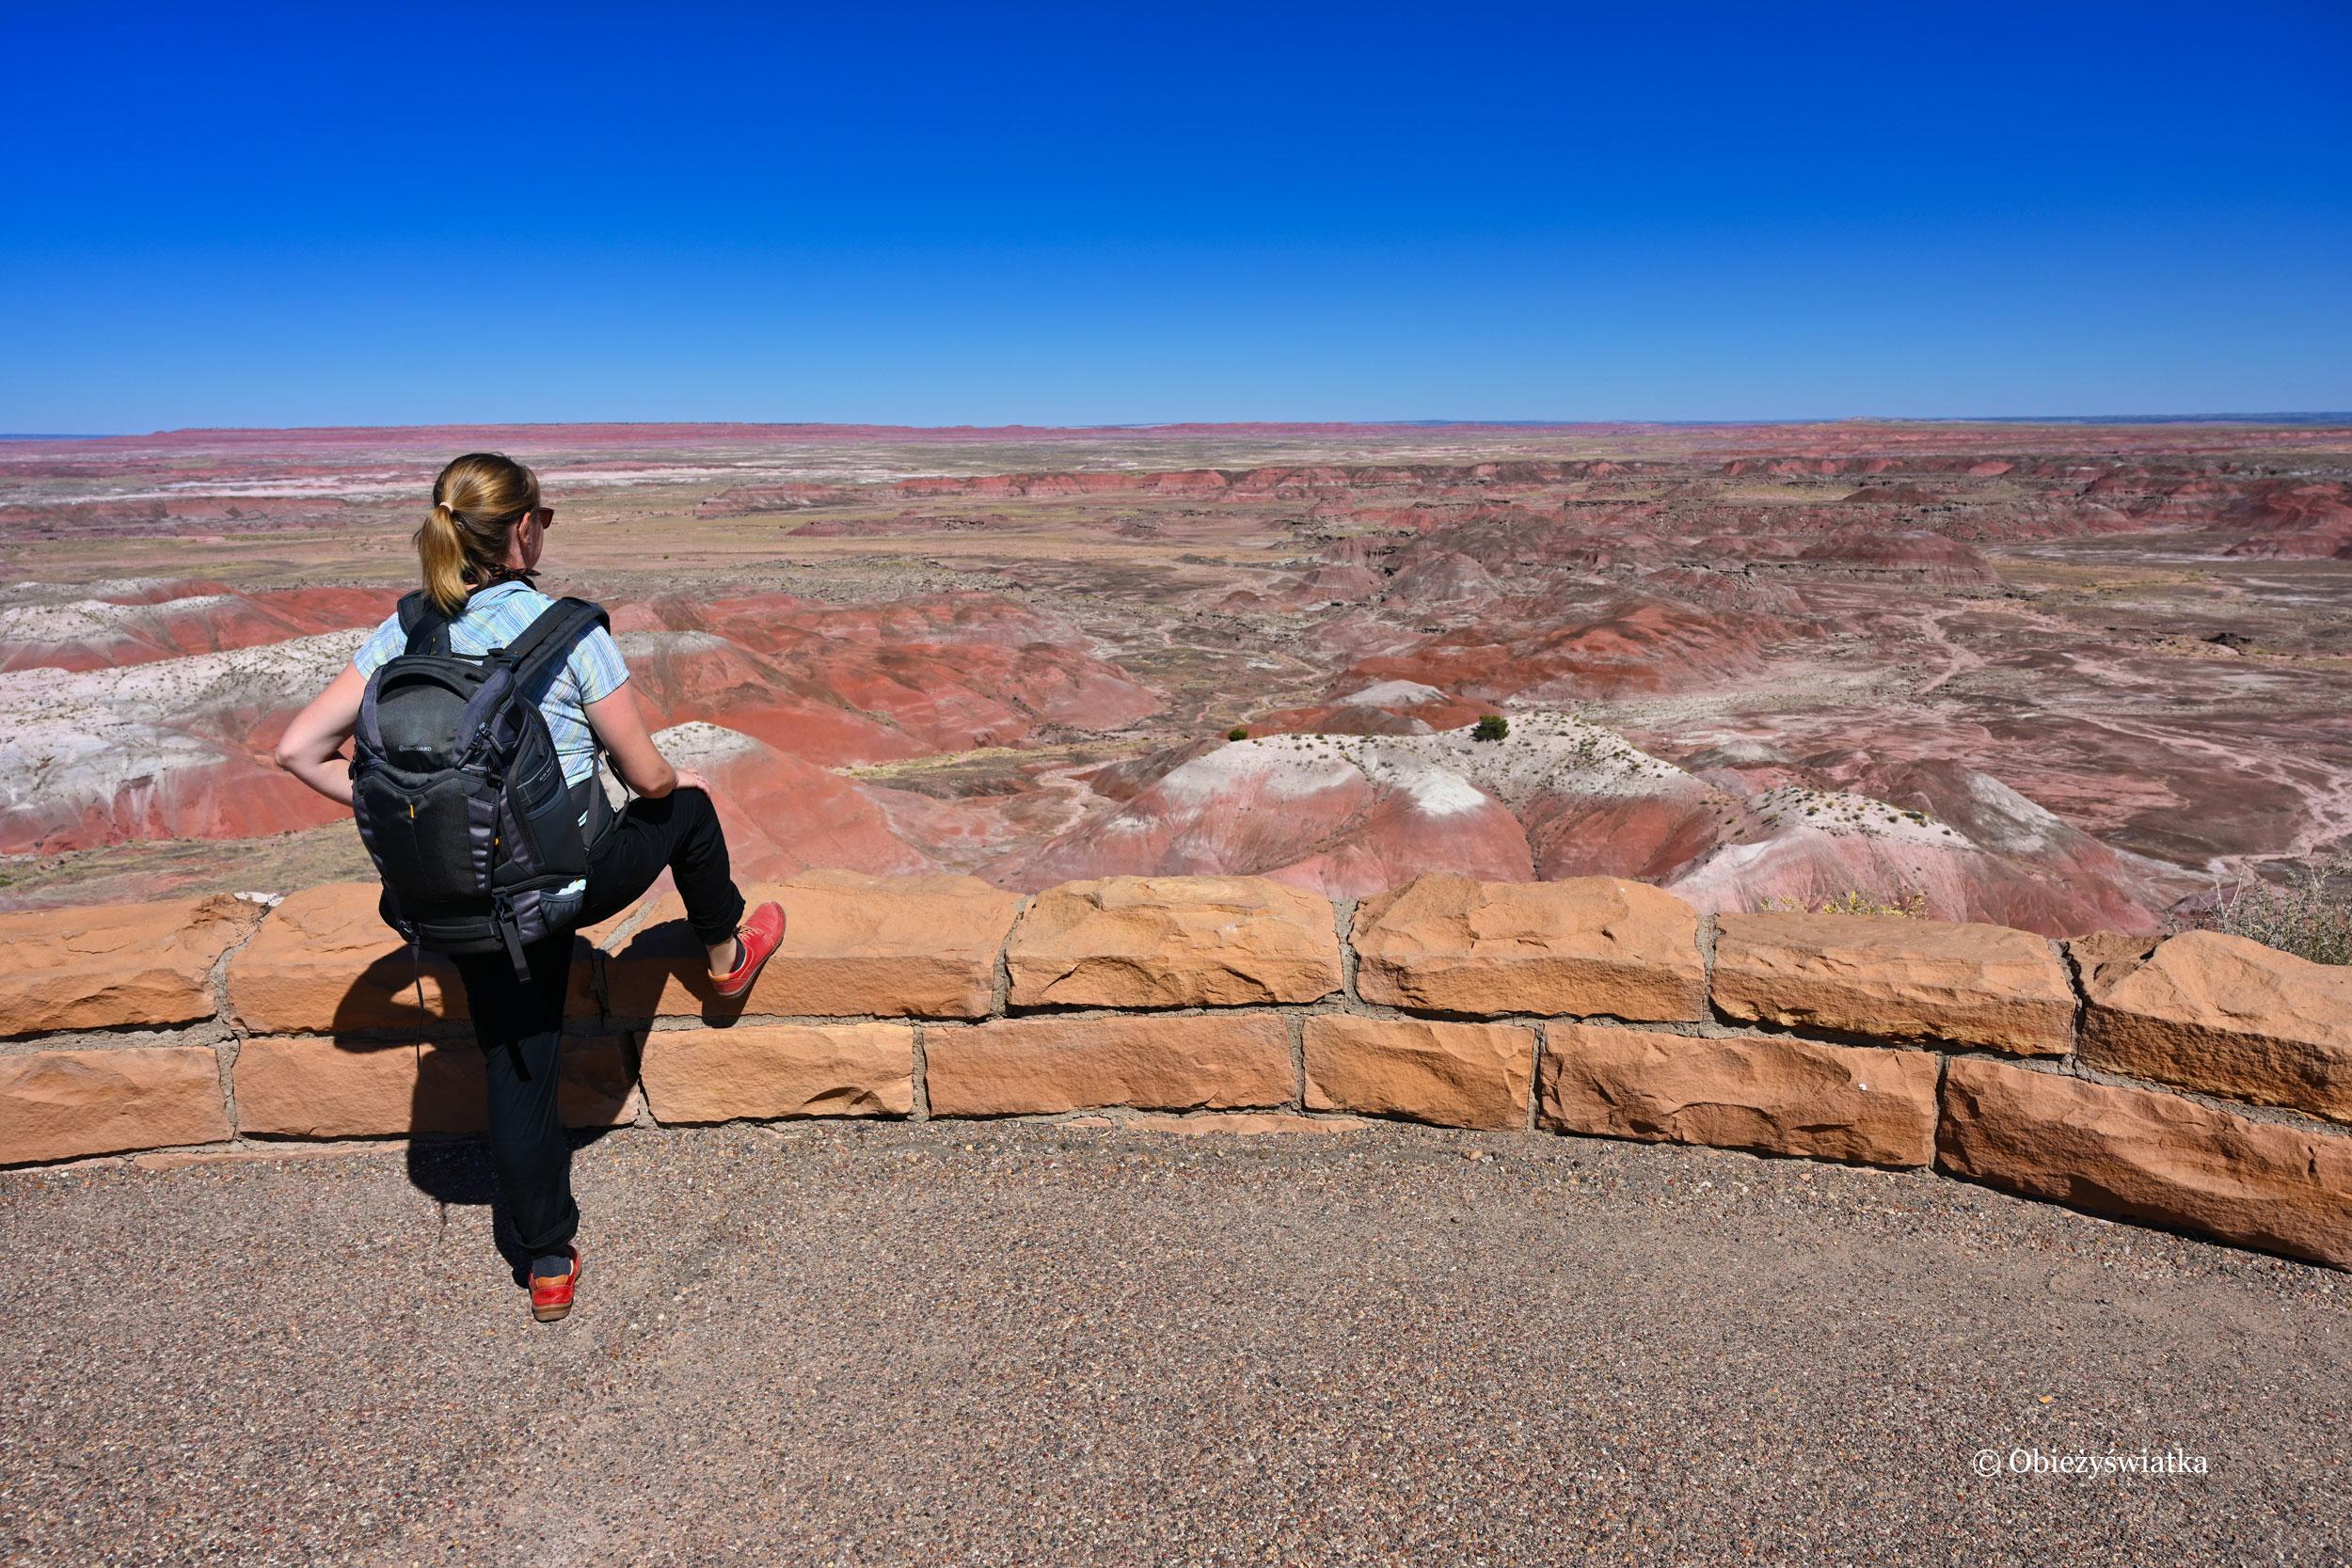 Cieszyć się chwilą i zapamiętać ten piękny krajobraz - Painted Desert, Arizona